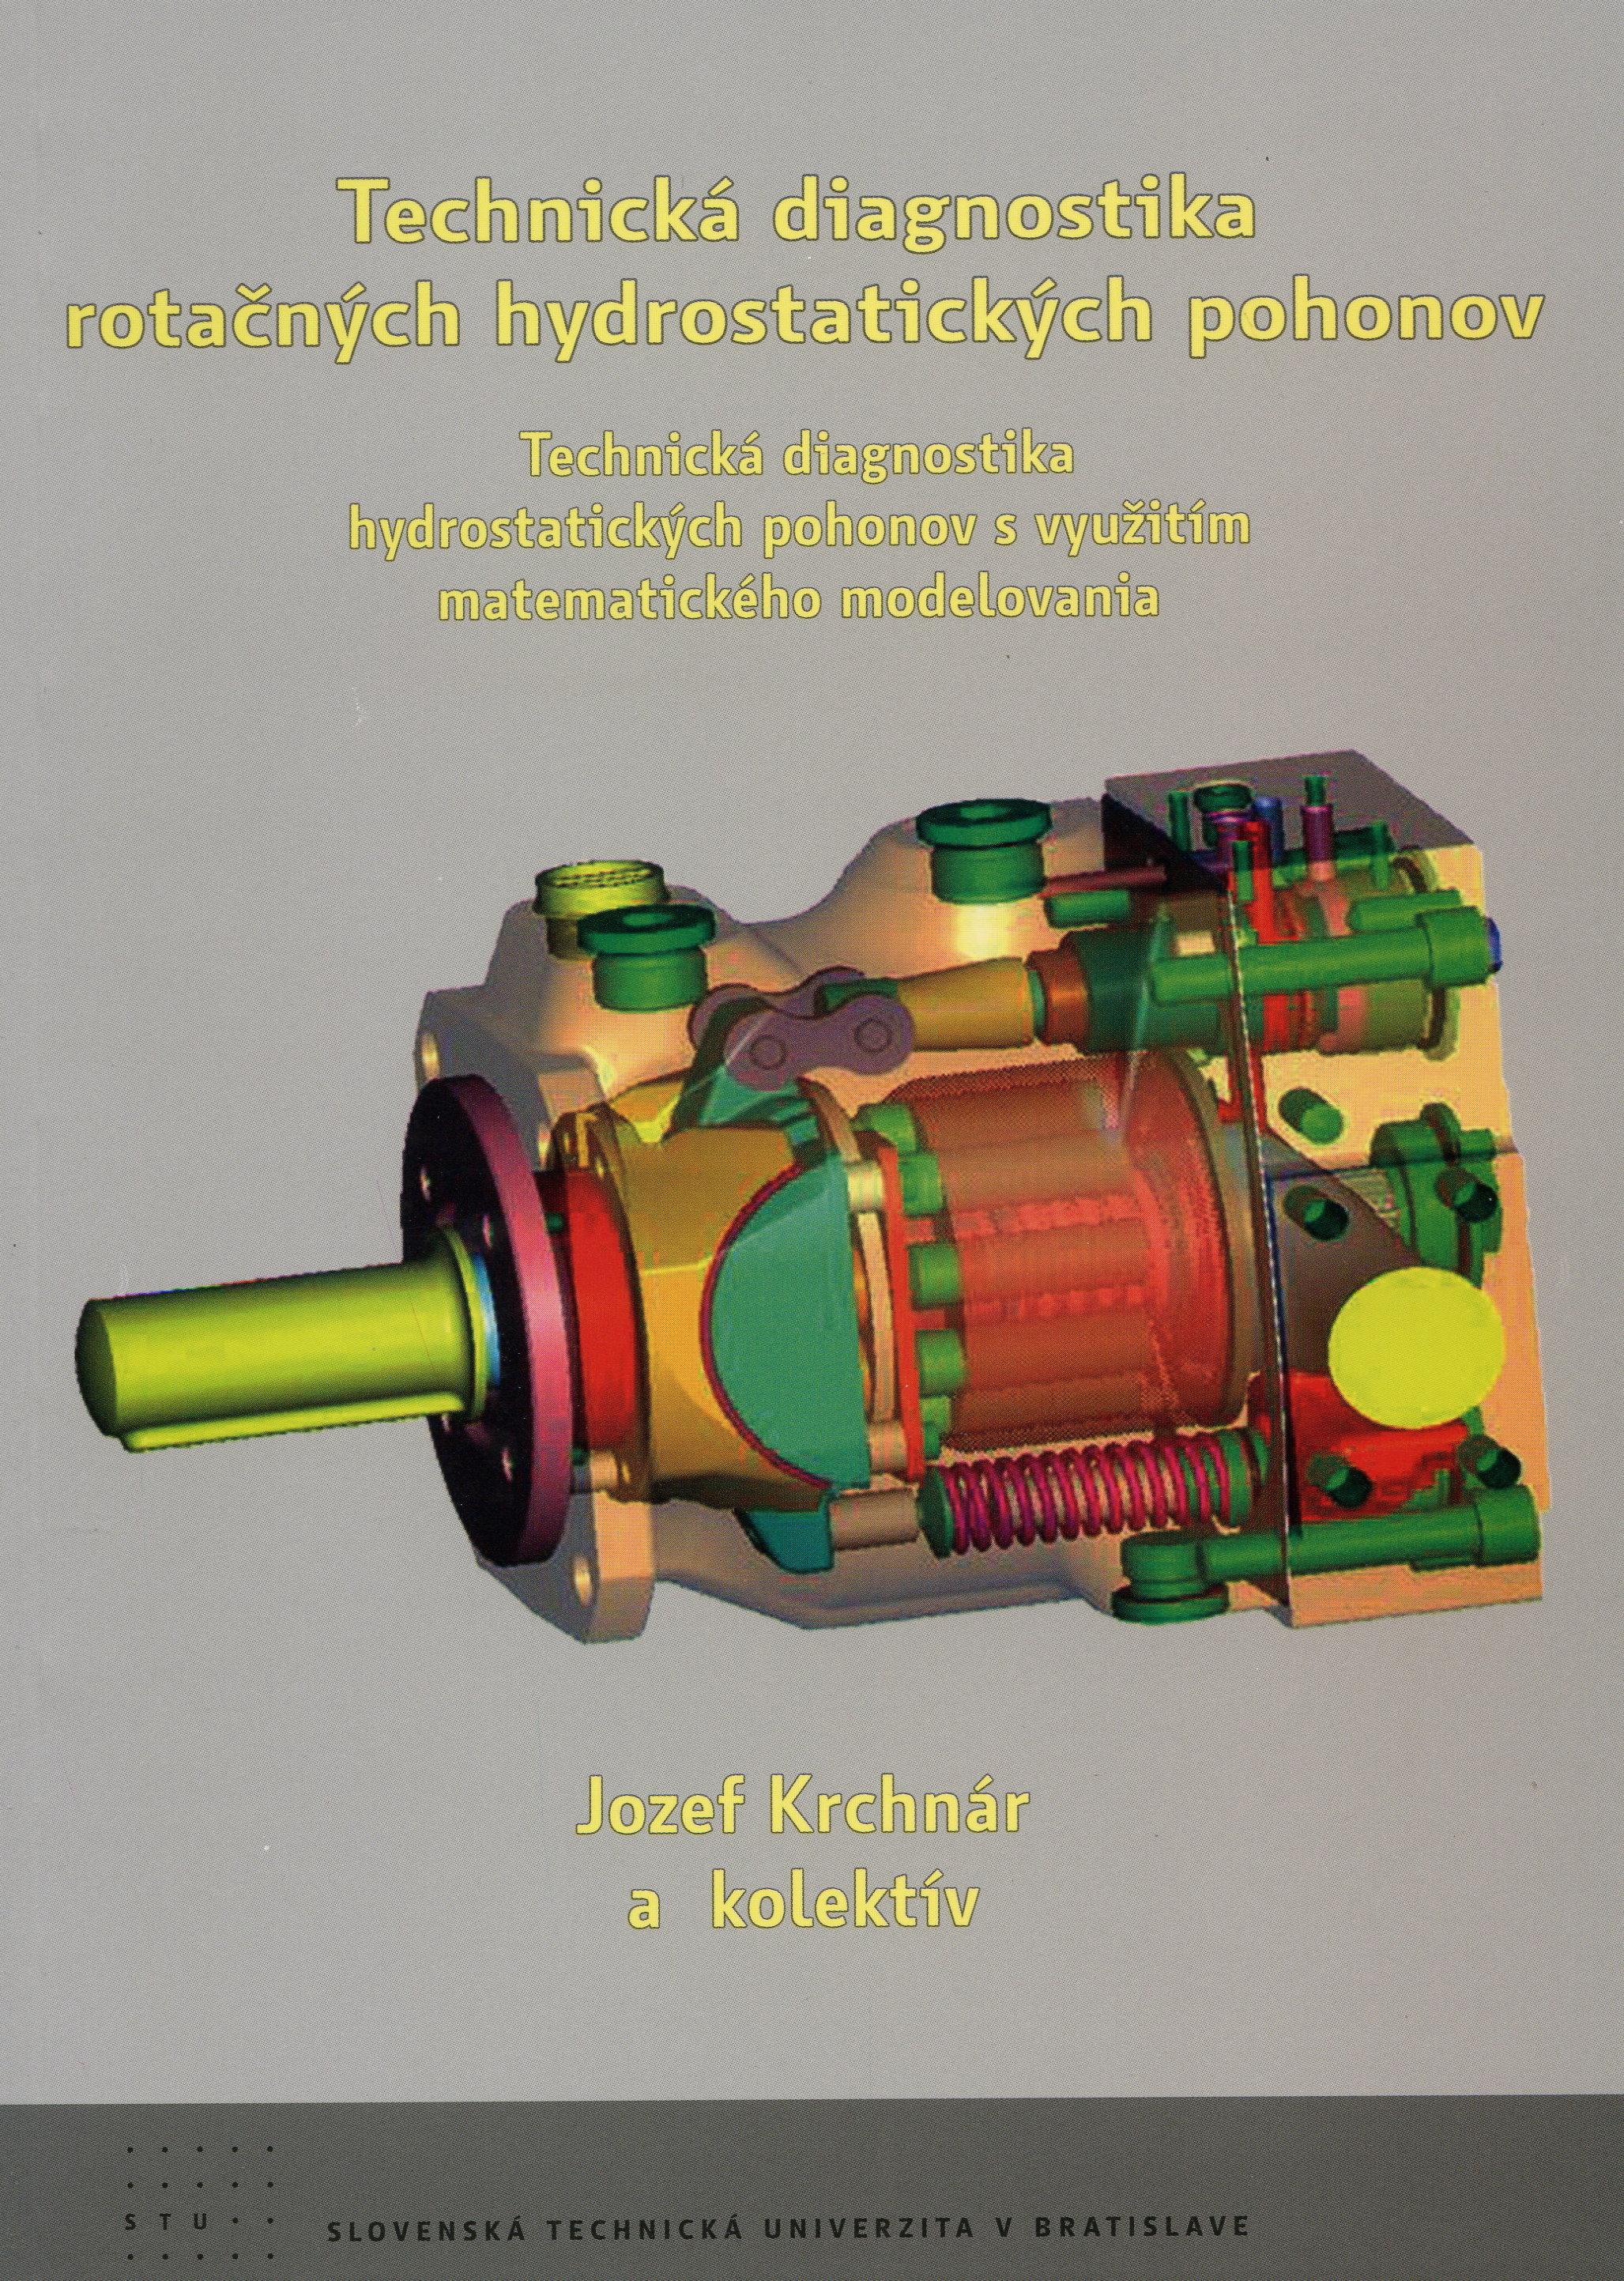 Technická diagnostika rotačných hydrostatických pohonov - technická diagnostika hydrostatických pohonov s využitím matematického modelovan